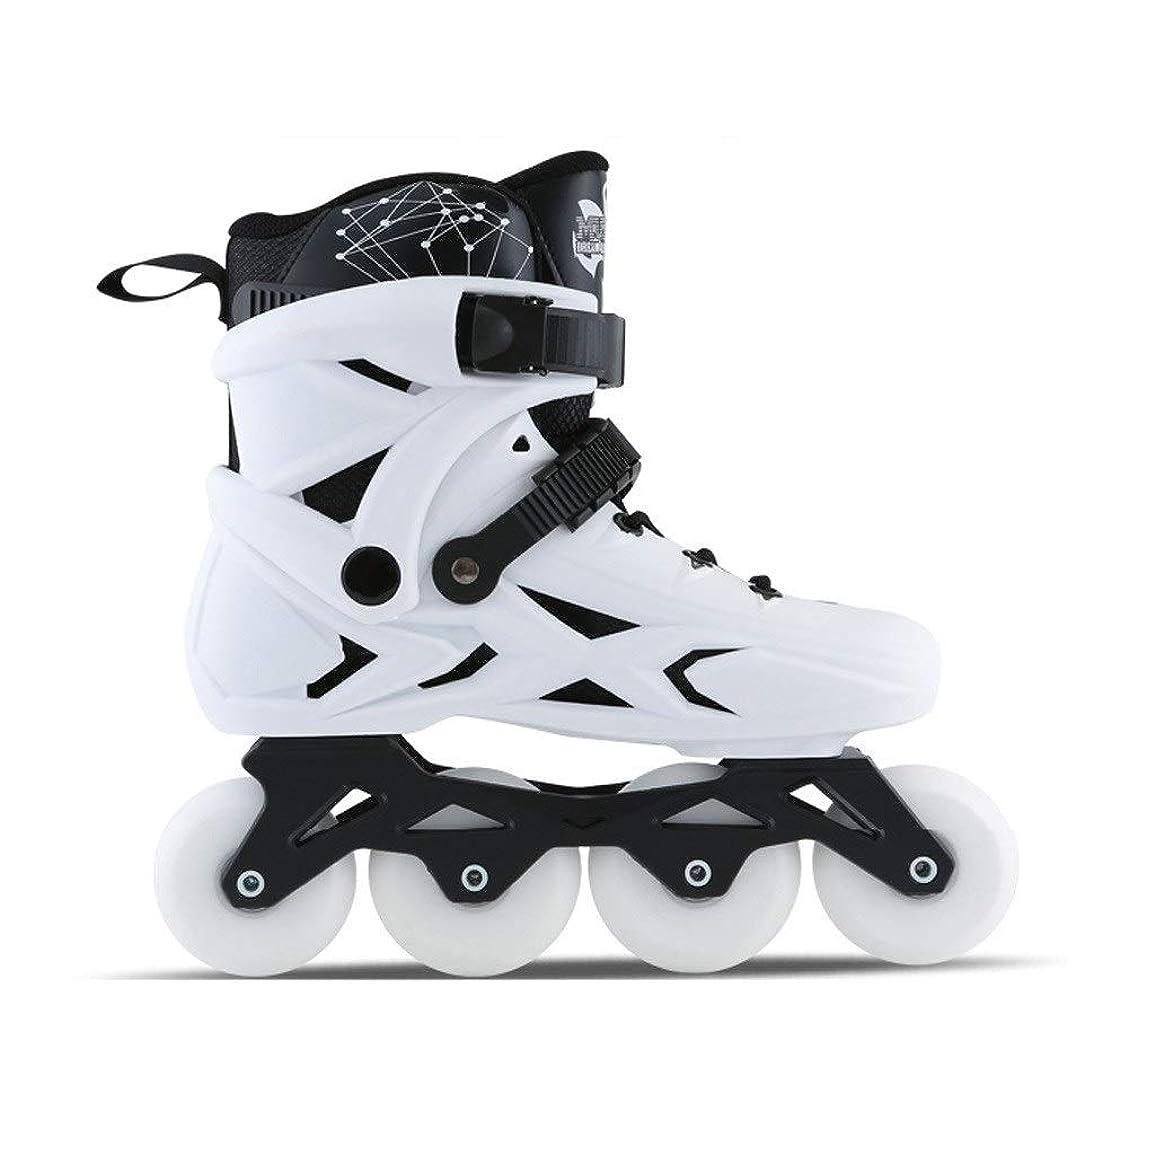 北前部参照Ailj インラインスケート 男性と女性のためのインラインスケート、初心者フラッシュ単一行スケート、サイズ35-45白黒 高構成プロスケート靴 (Color : White, Size : EU 43/US 10/UK 9/JP 26.5cm)